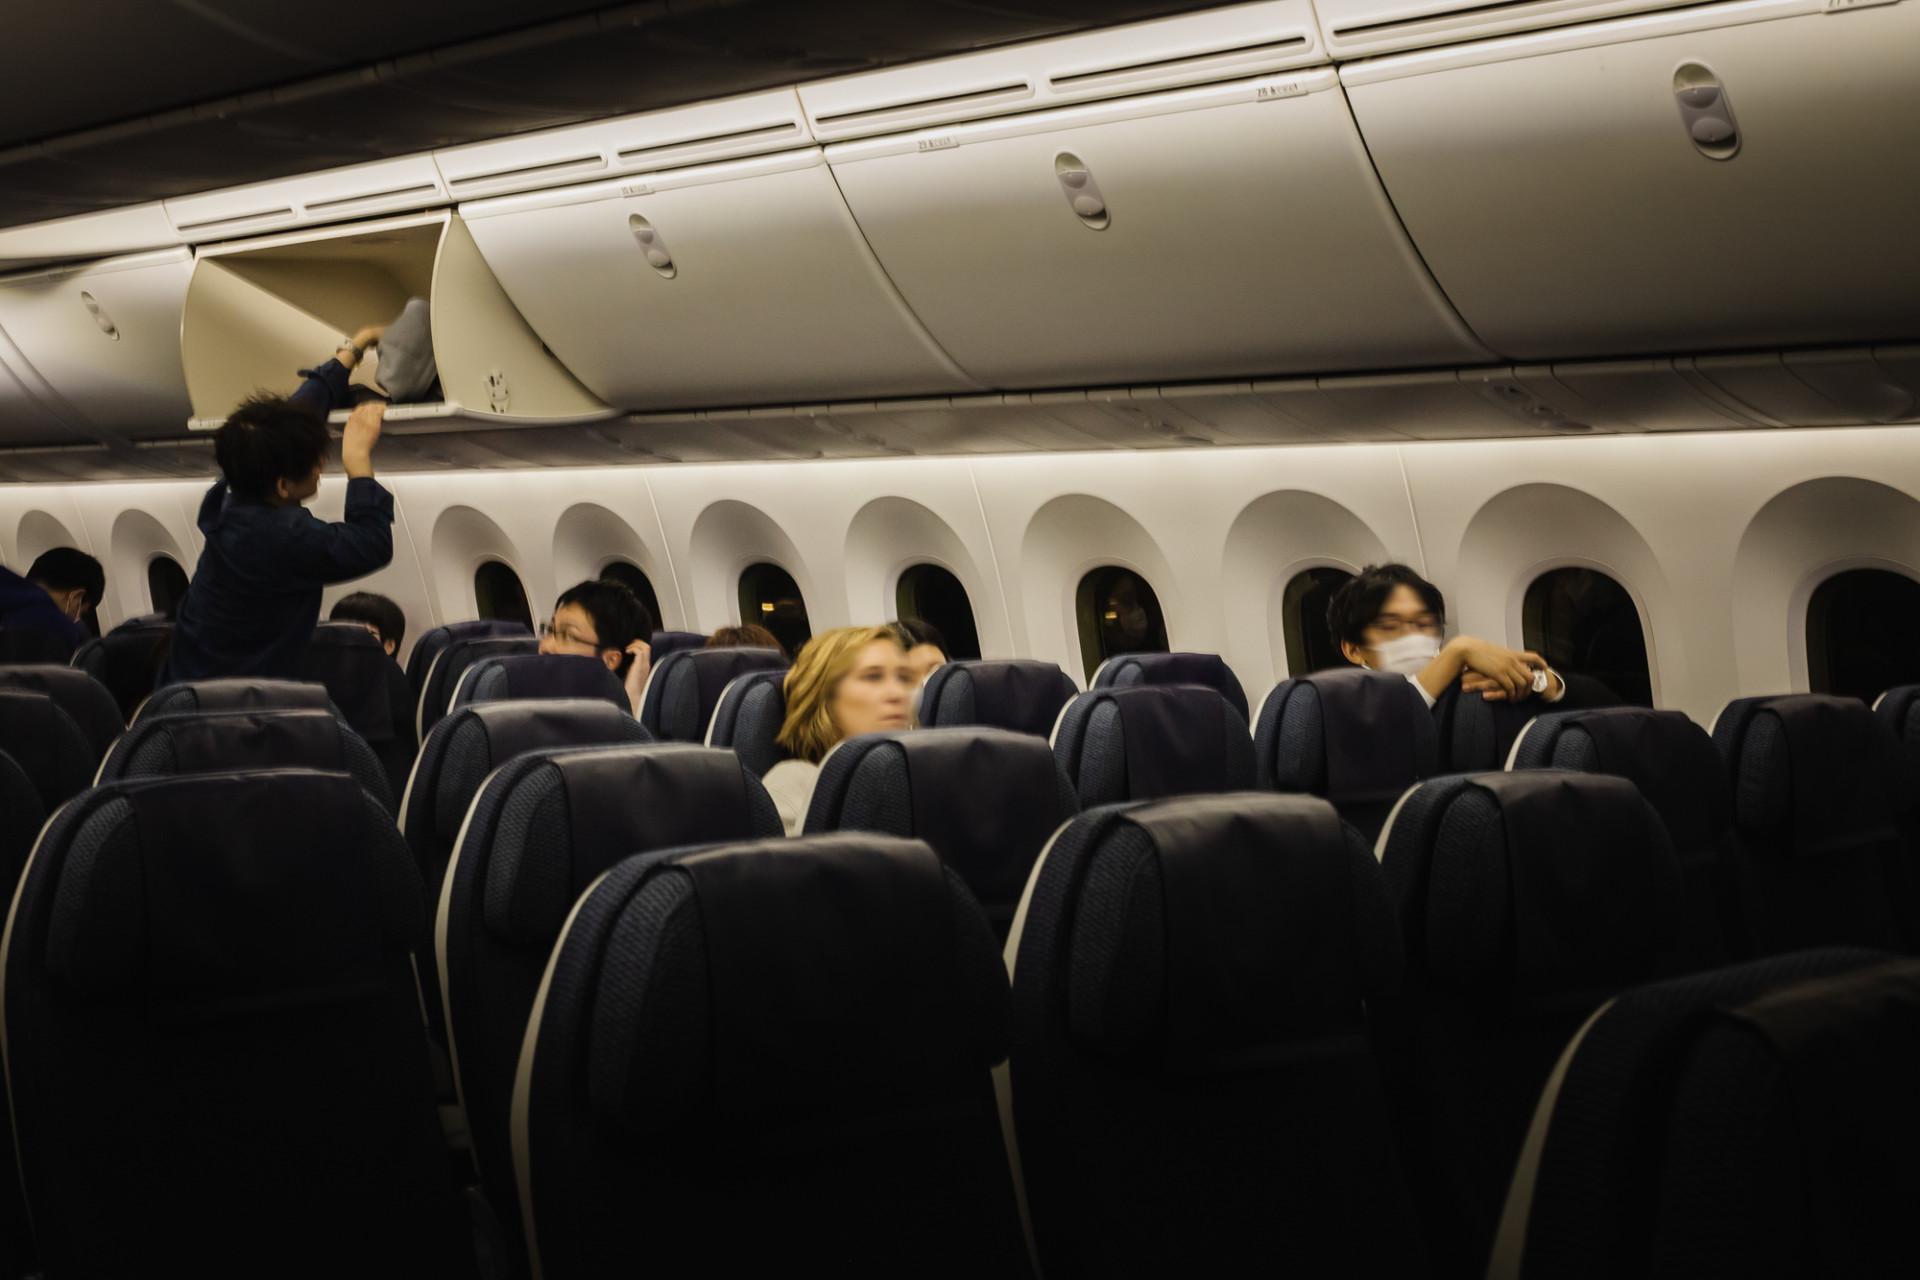 L'avion presque vide en direction du Japon